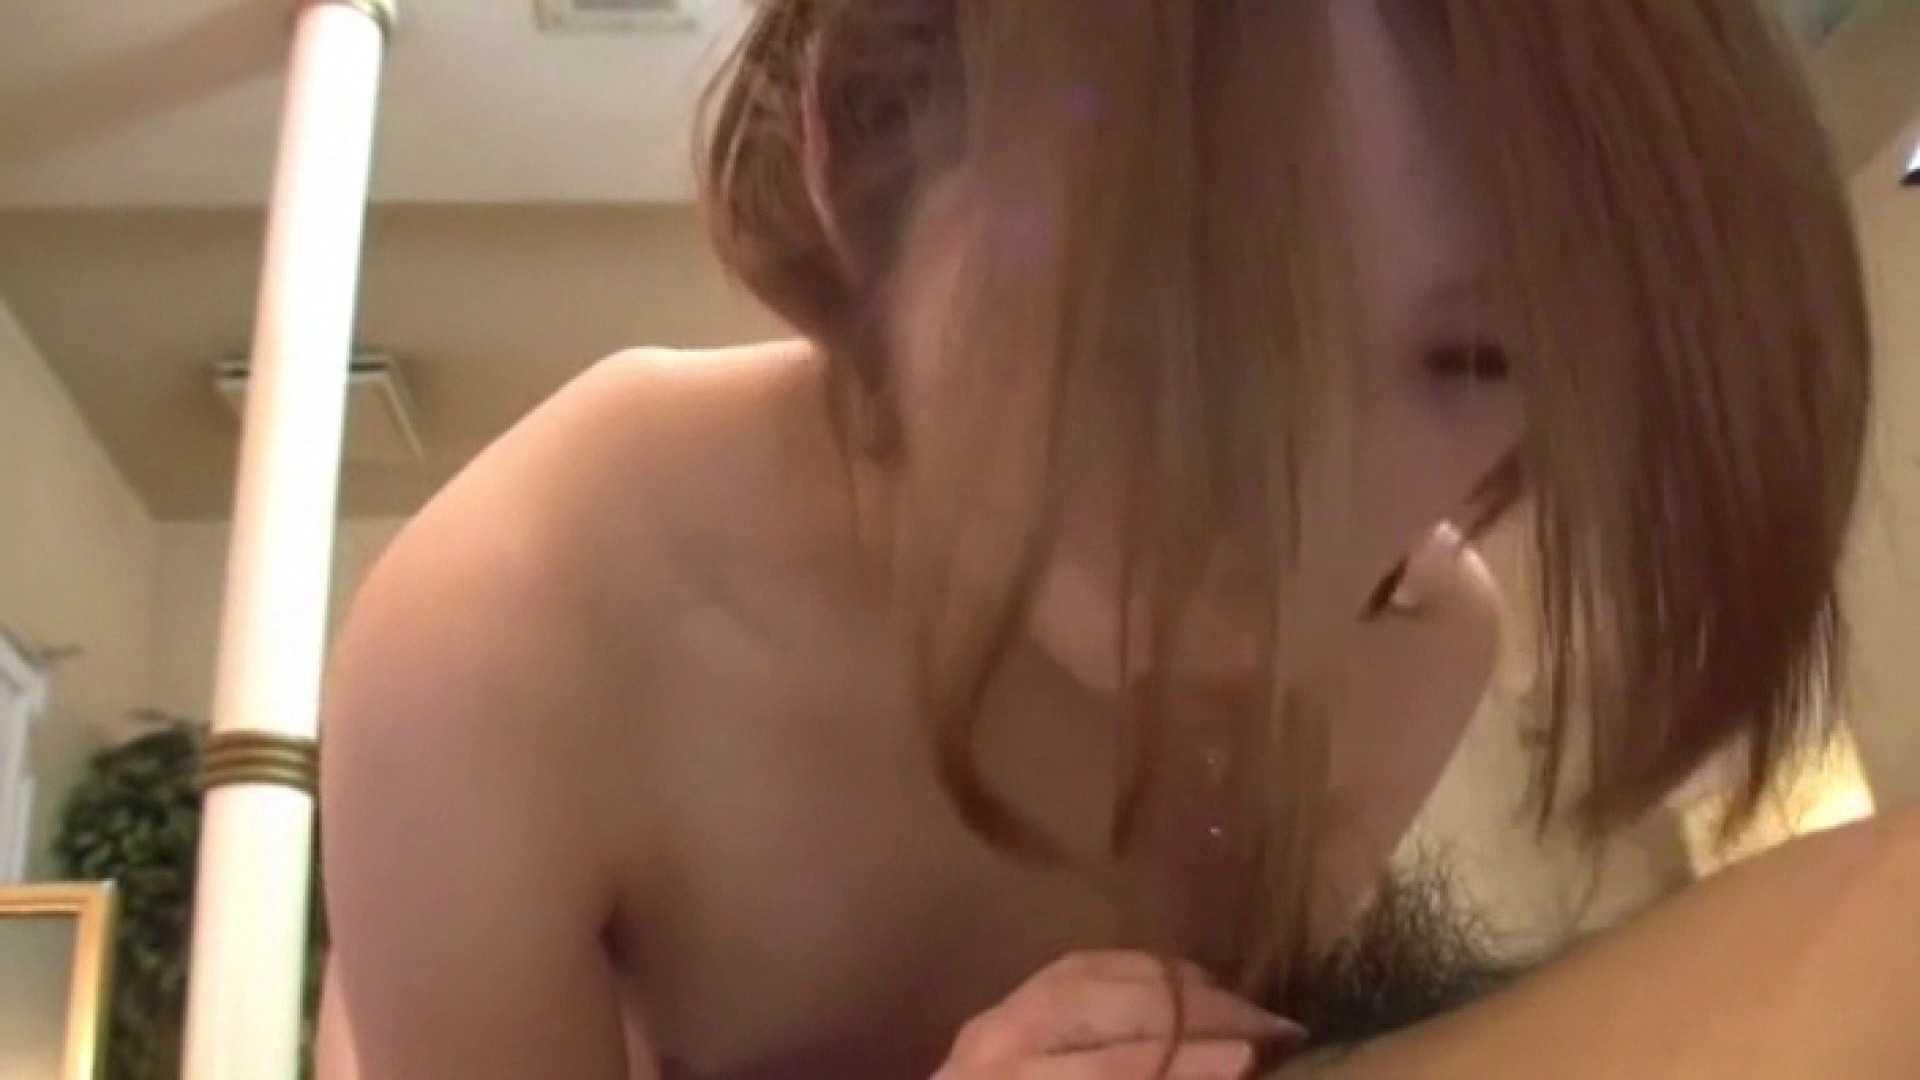 おしえてギャル子のH塾 Vol.36後編 セックス映像   フェラチオ映像  78pic 25